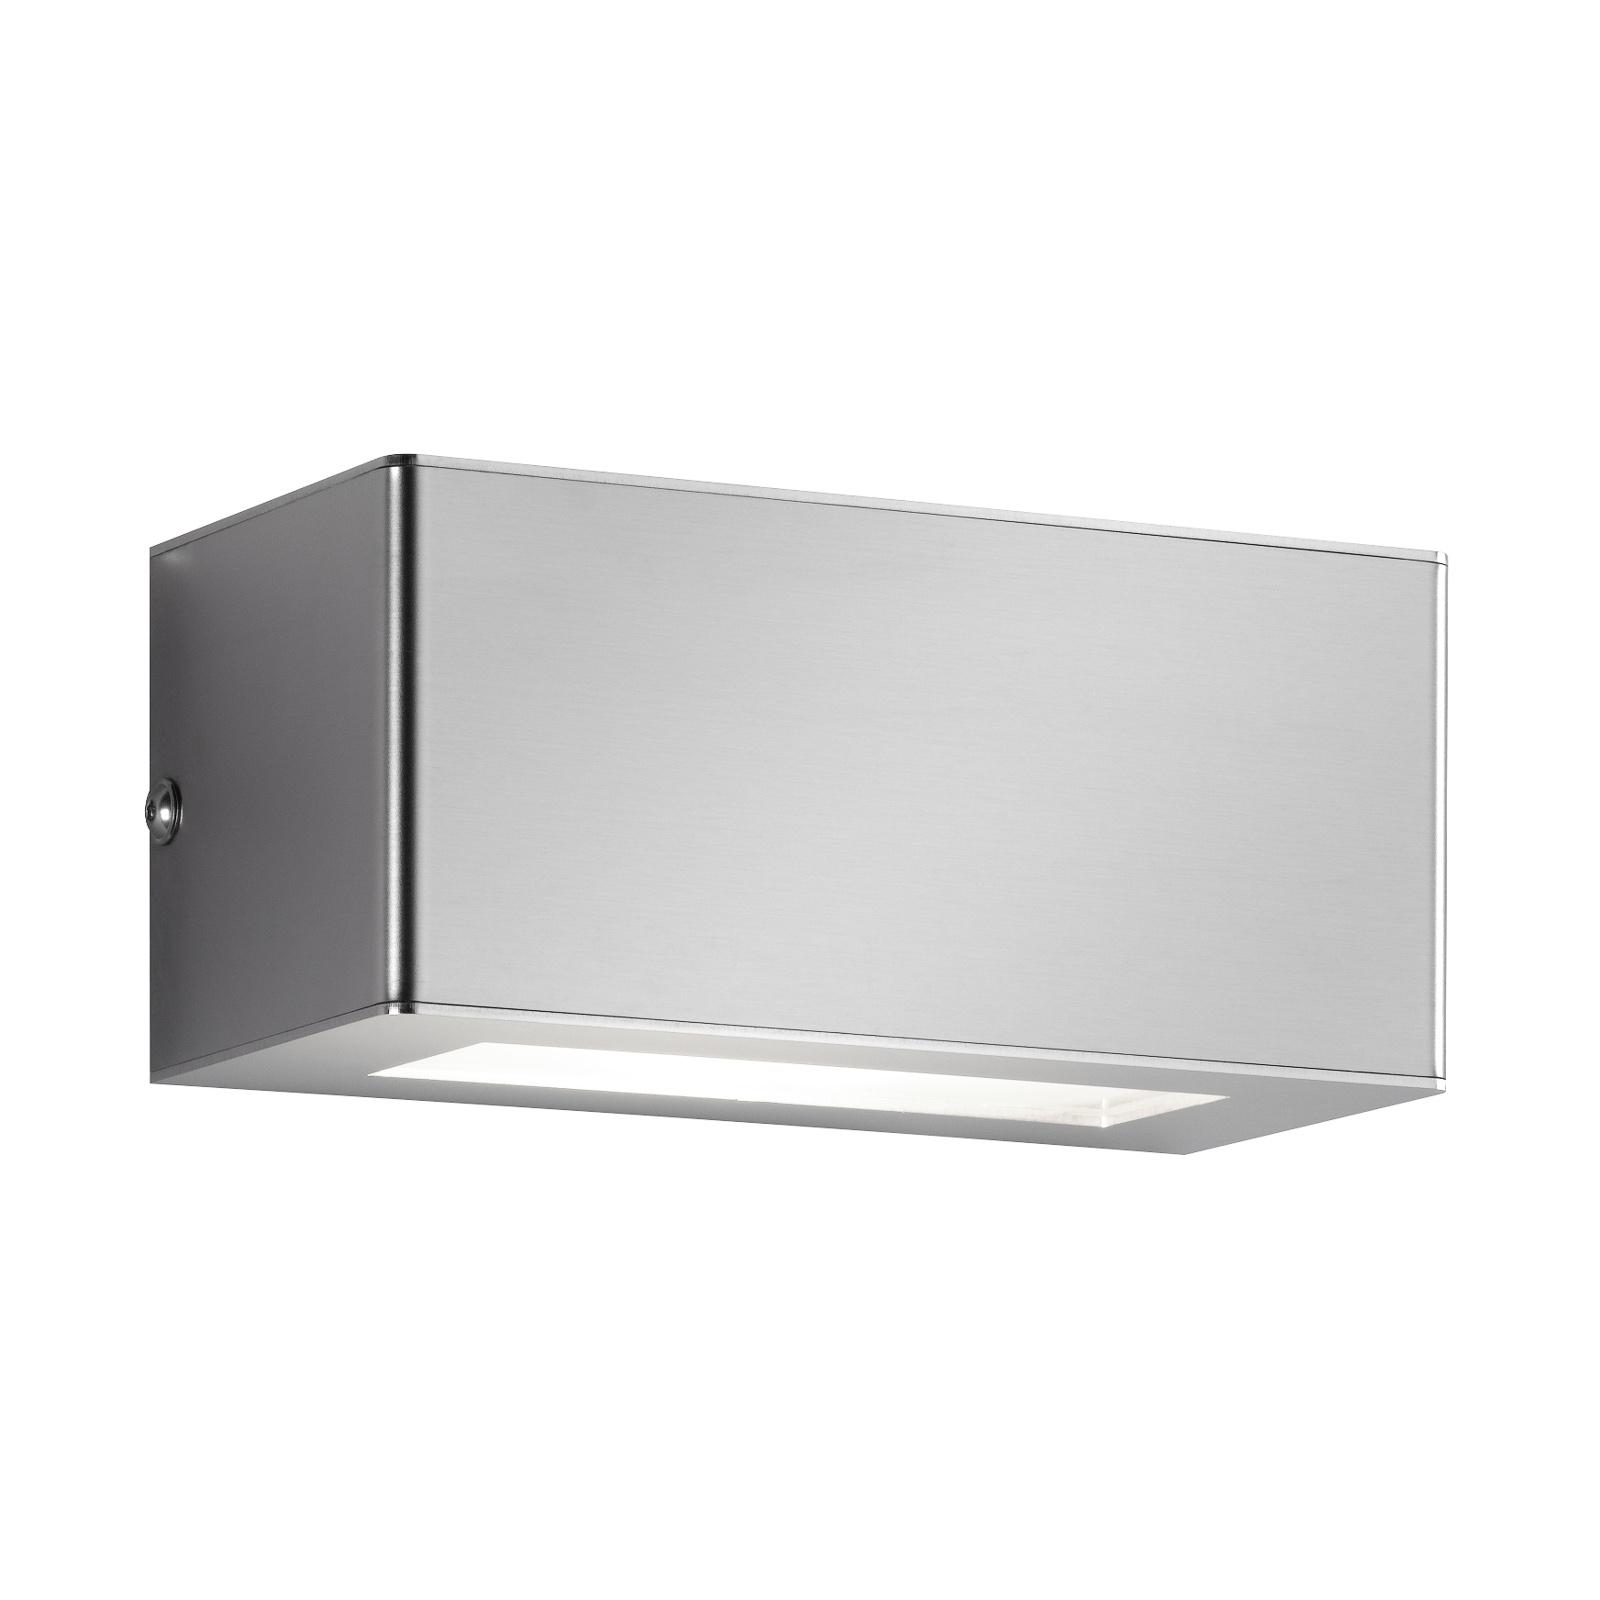 lámpara LED con dos puntos pared ext. Aqua Stone